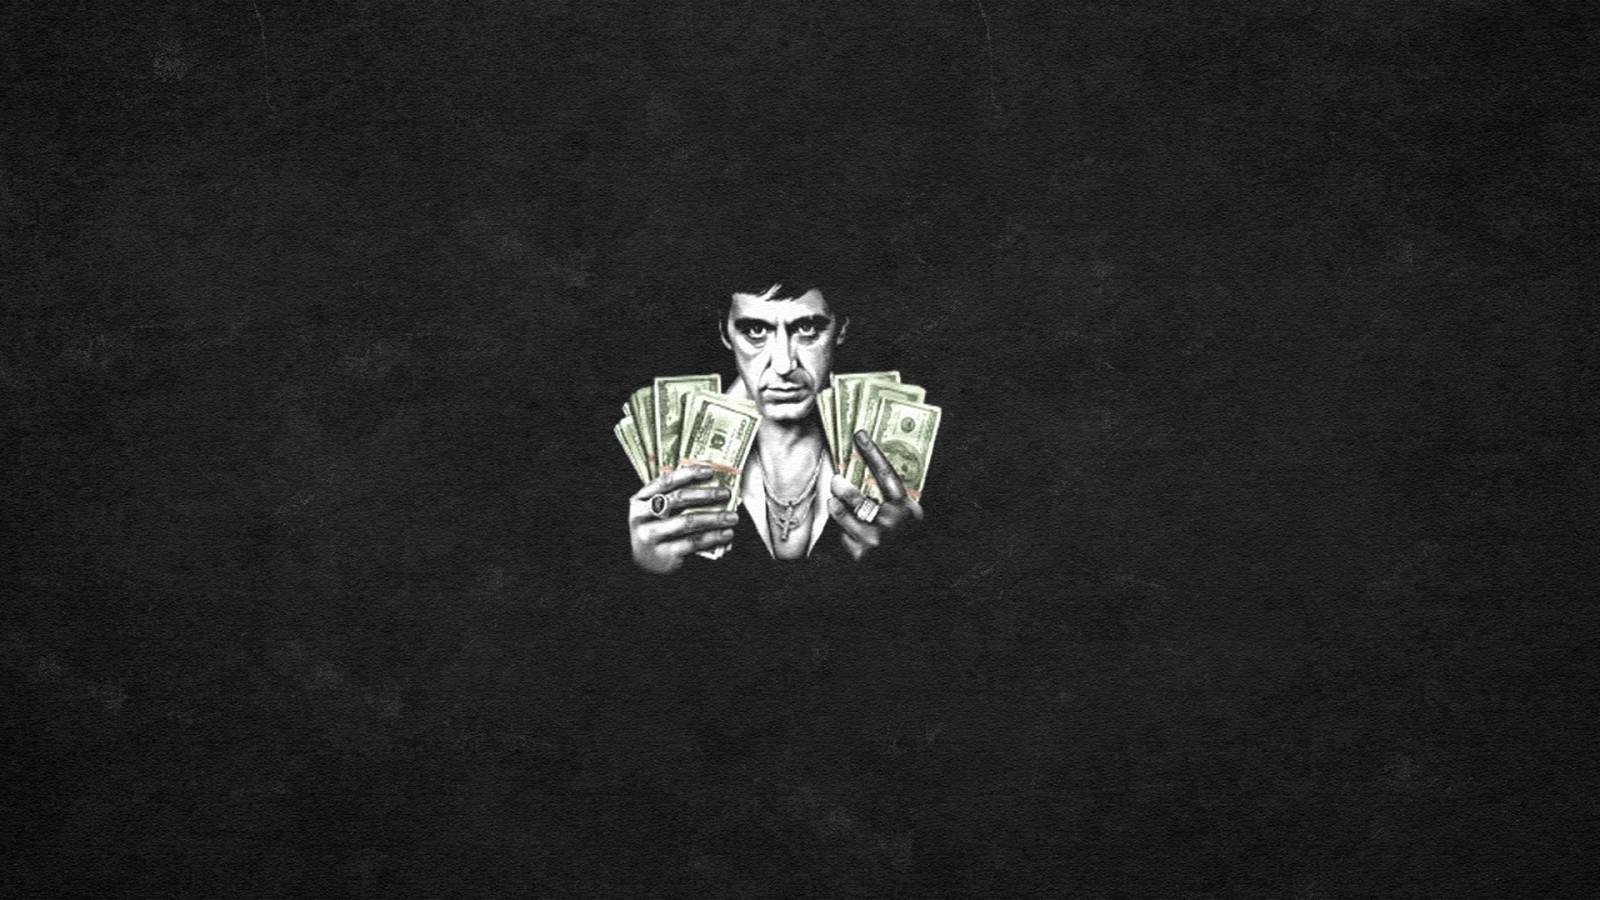 デスクトップ壁紙 お絵かき 図 黒い背景 ロゴ アル パチーノ スカーフェイス トニーモンタナ アート 闇 画像 スケッチ コンピュータの壁紙 黒と白 モノクロ写真 アルバムカバー 19x1080 Mxdp1 9 デスクトップ壁紙 Wallhere